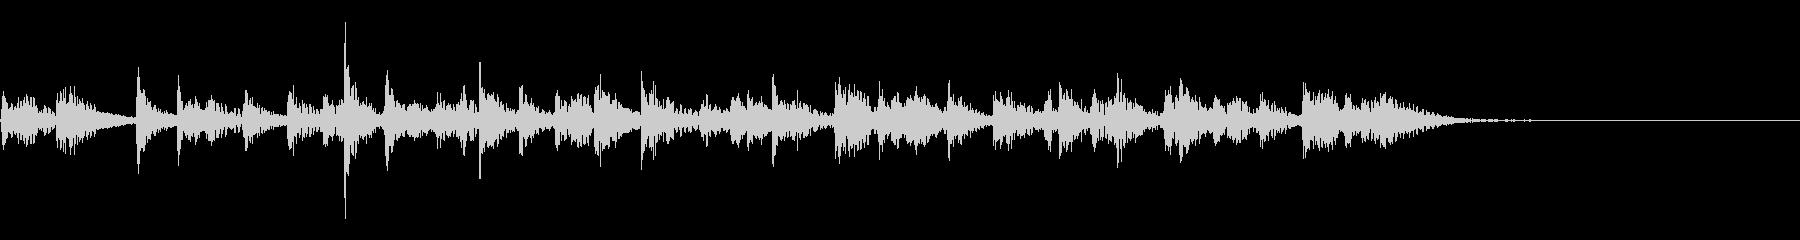 ボコボコ(袋叩き、ケンカ)A01の未再生の波形